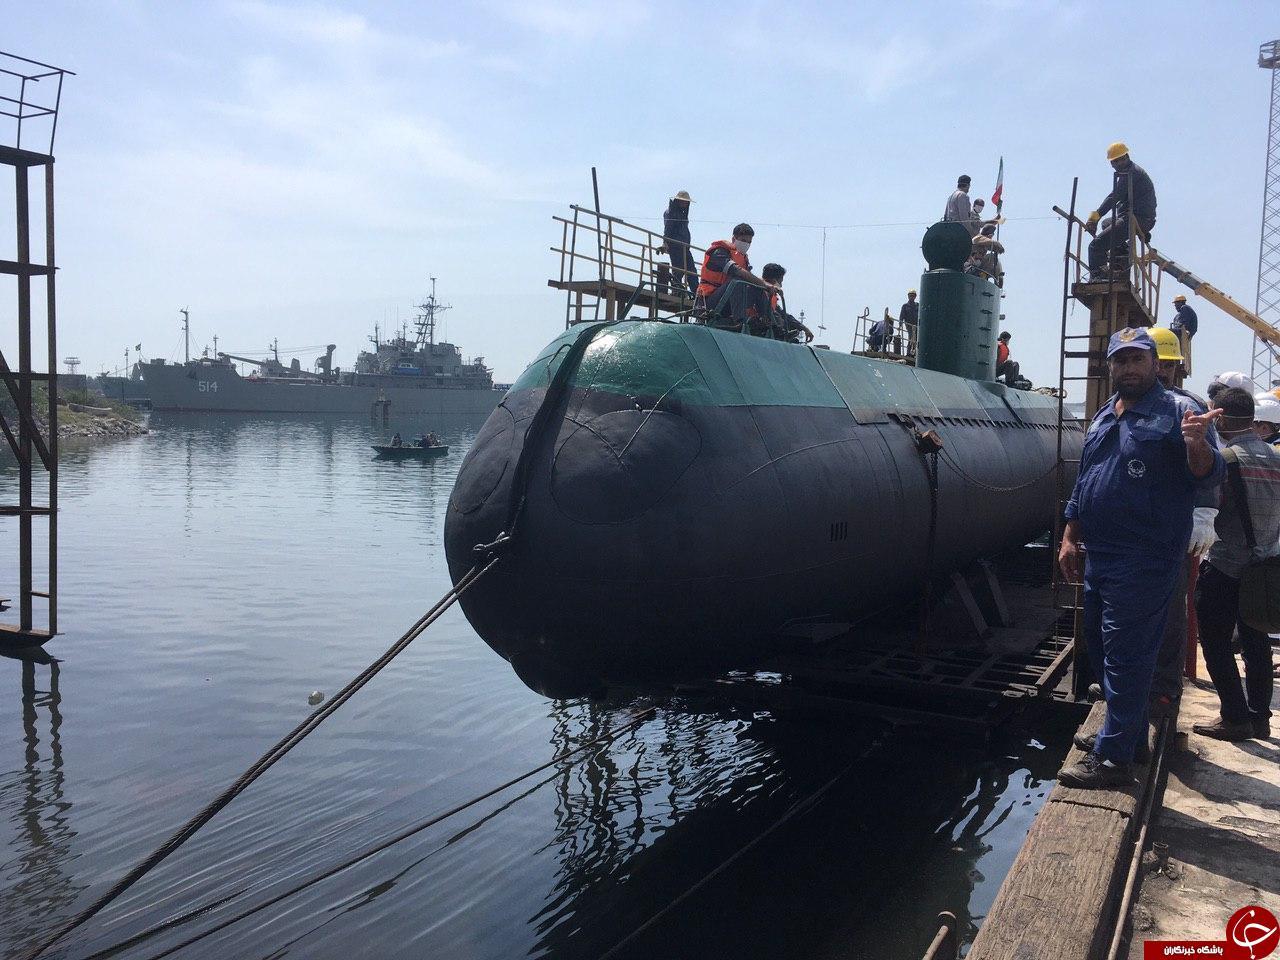 زیردریایی بومی غدیر به آب انداخته شد + تصاویر